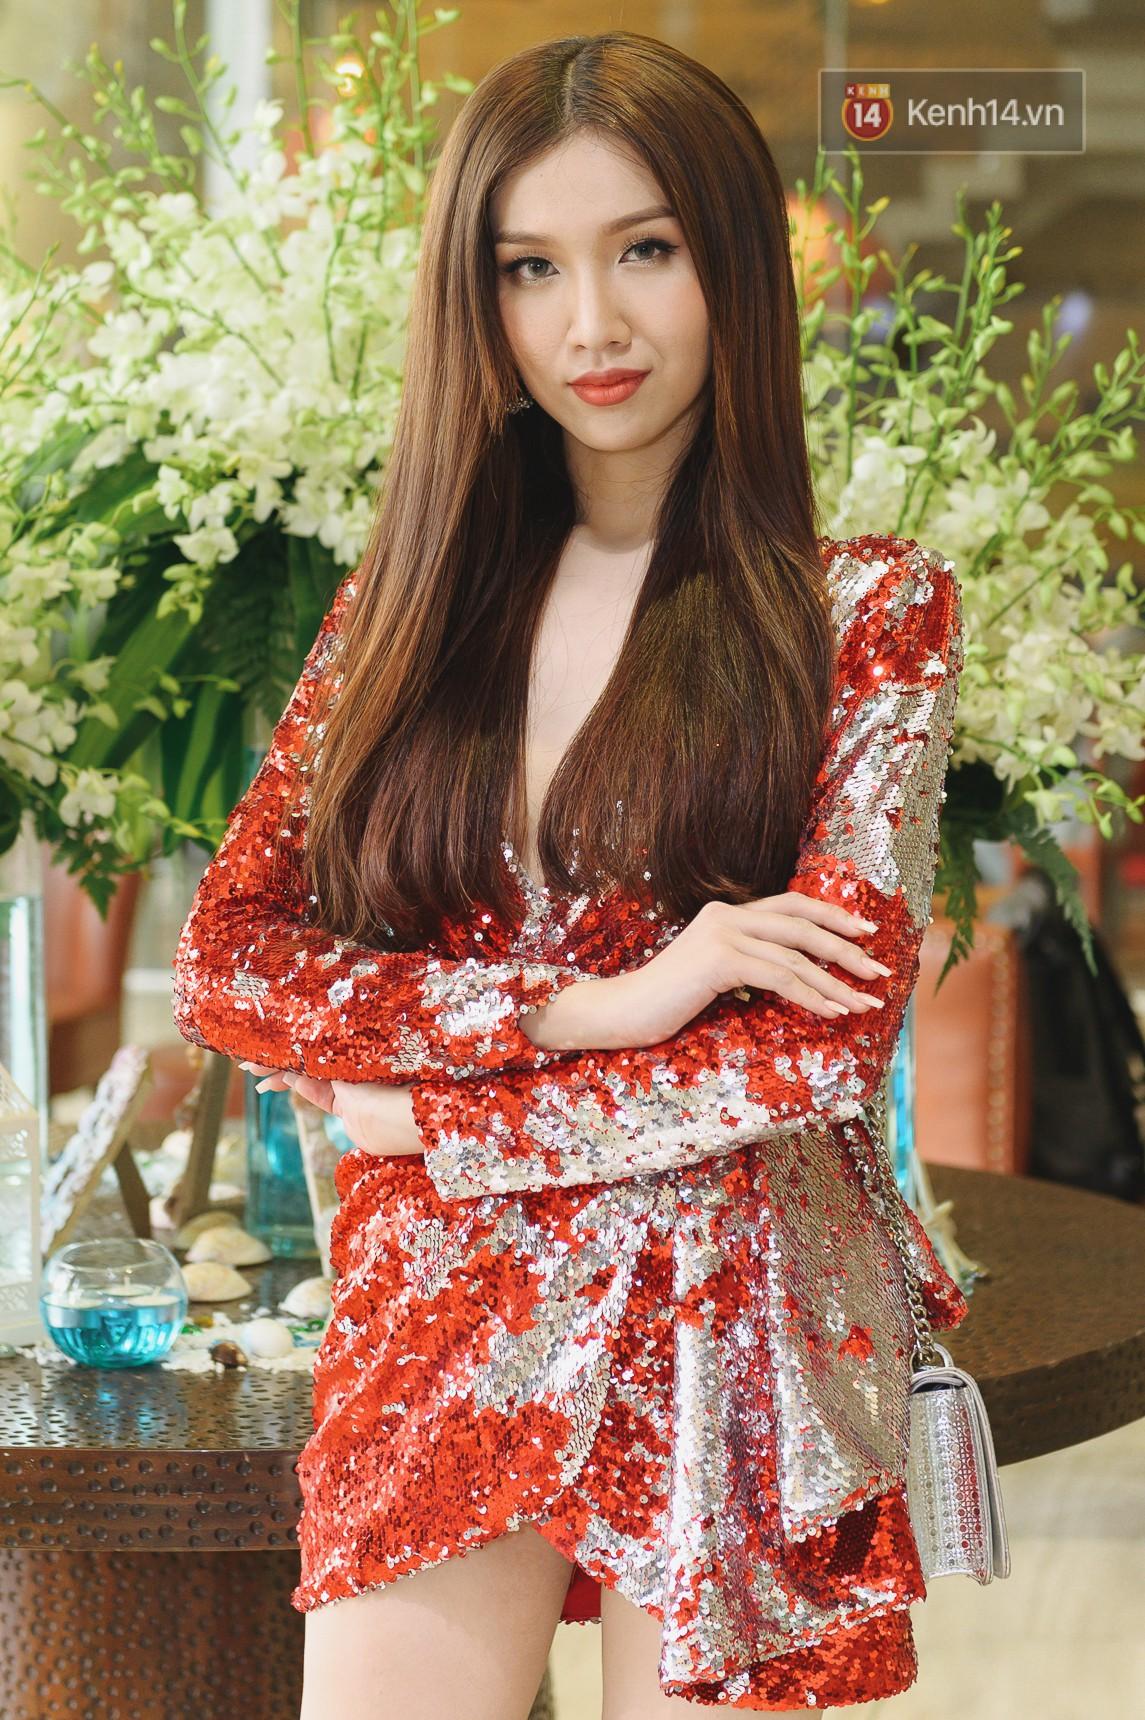 Tân Hoa hậu Siêu quốc gia 2018 phản ứng bất ngờ về loạt scandal của Minh Tú tại Miss Supranational 2018 - Ảnh 11.